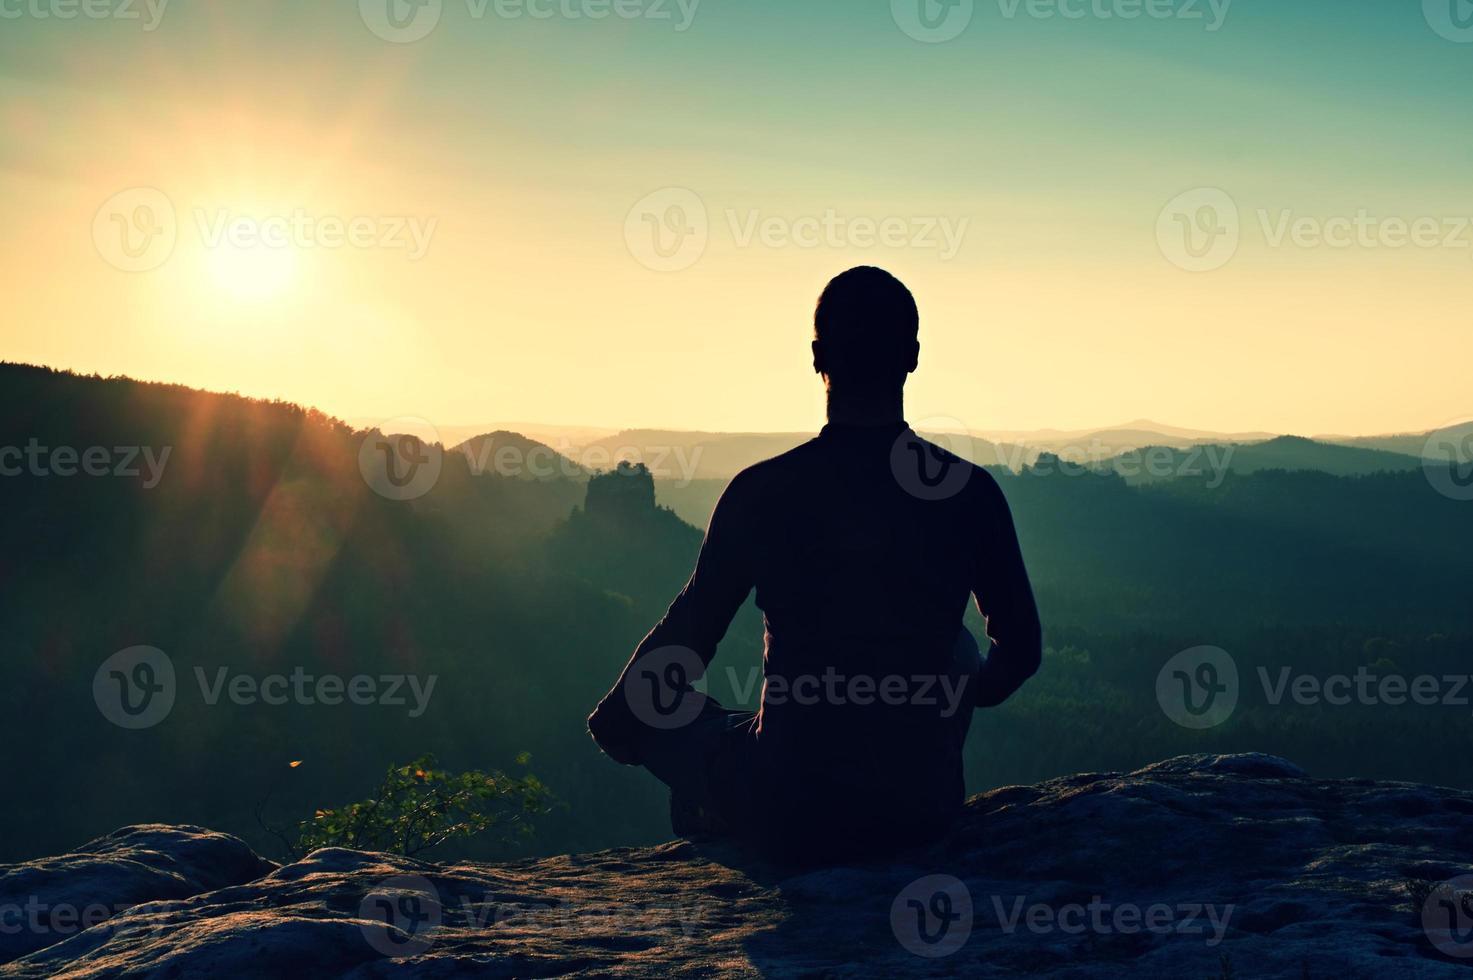 alpinista em posição de cócoras sobre uma rocha, aproveite o cenário de dybreak foto